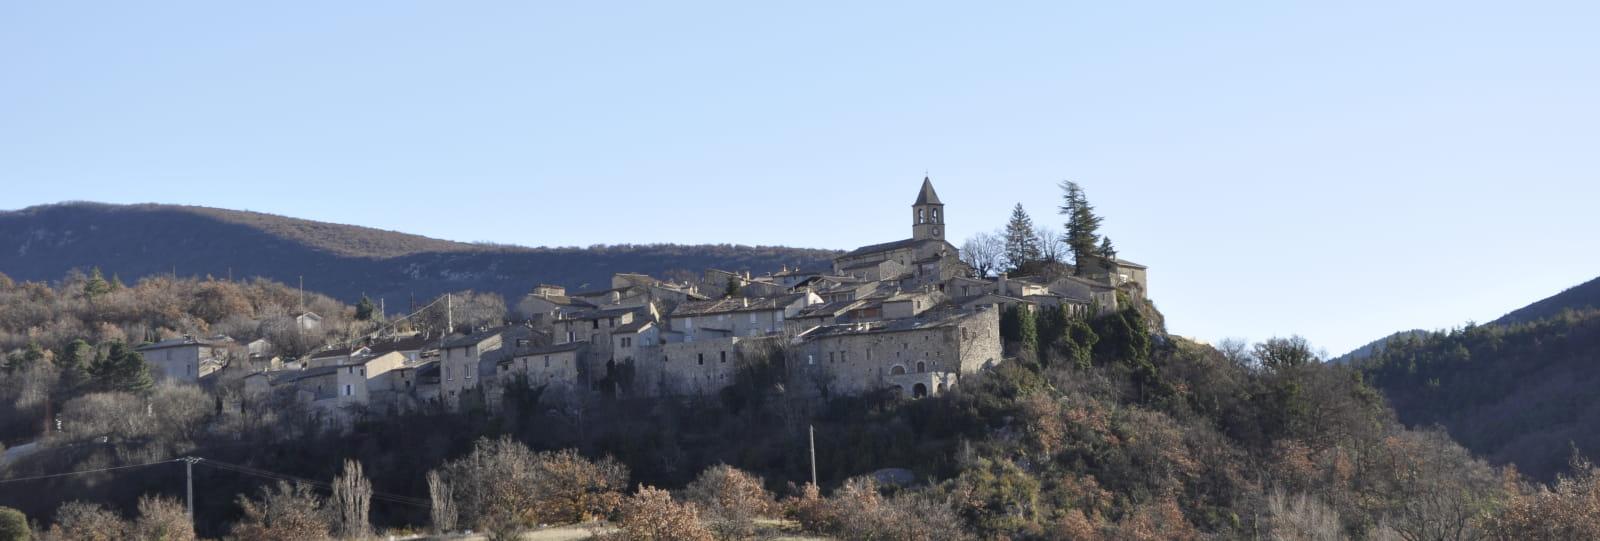 Saint-Auban-sur-l'Ouvèze